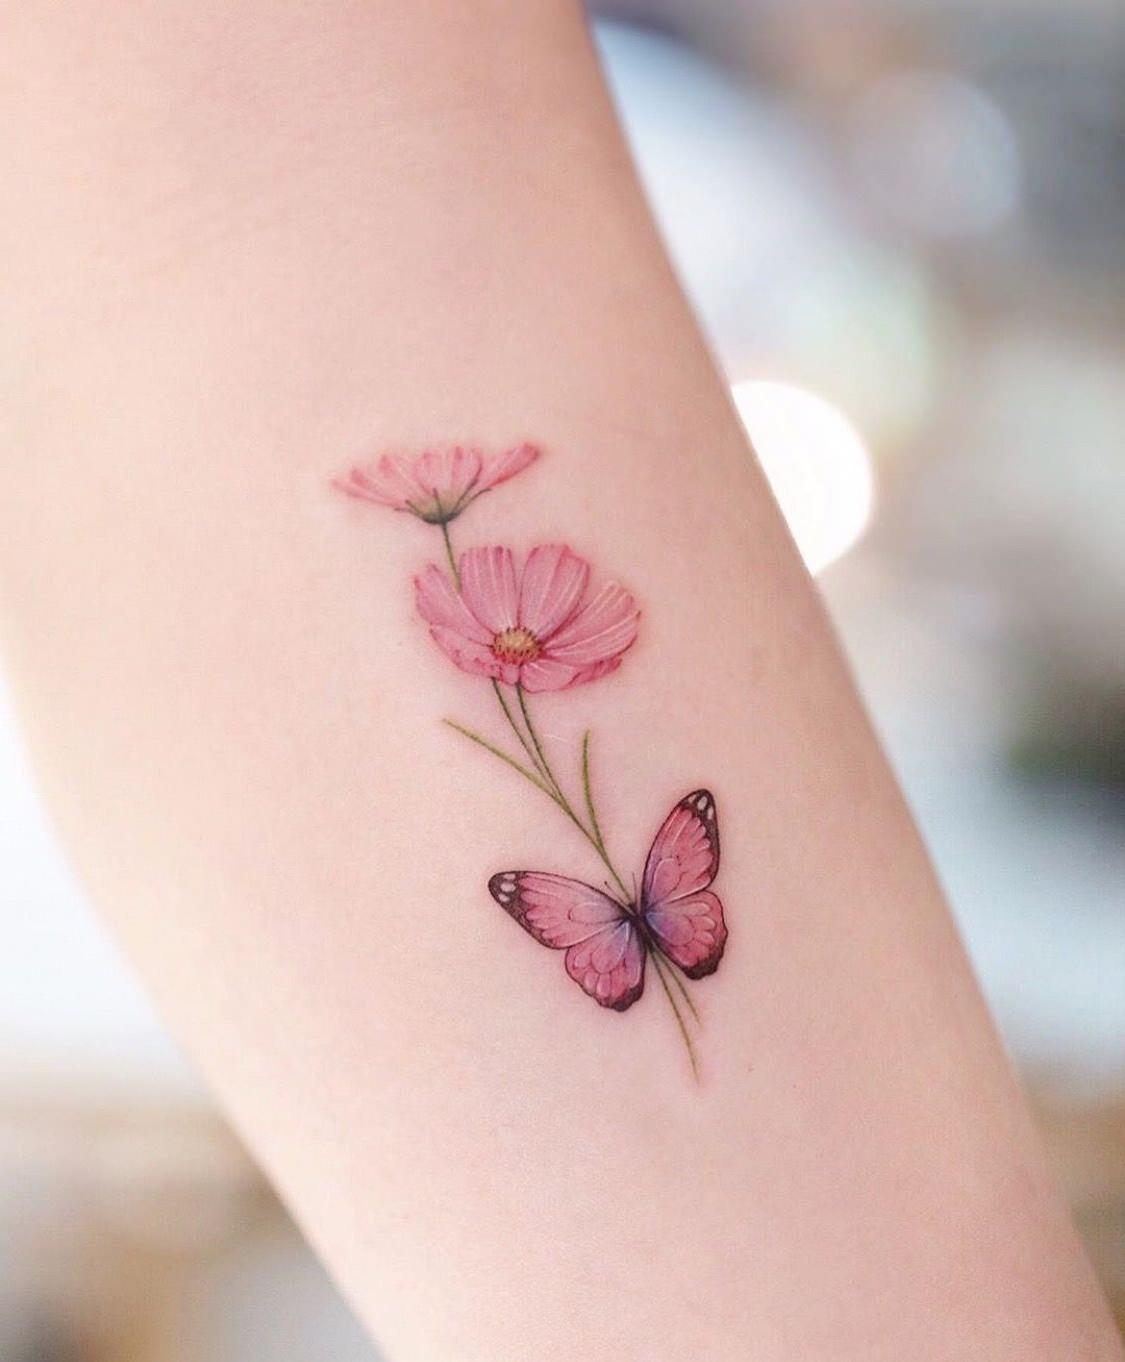 Tatuagem em tons de rosa e salmão super delicada